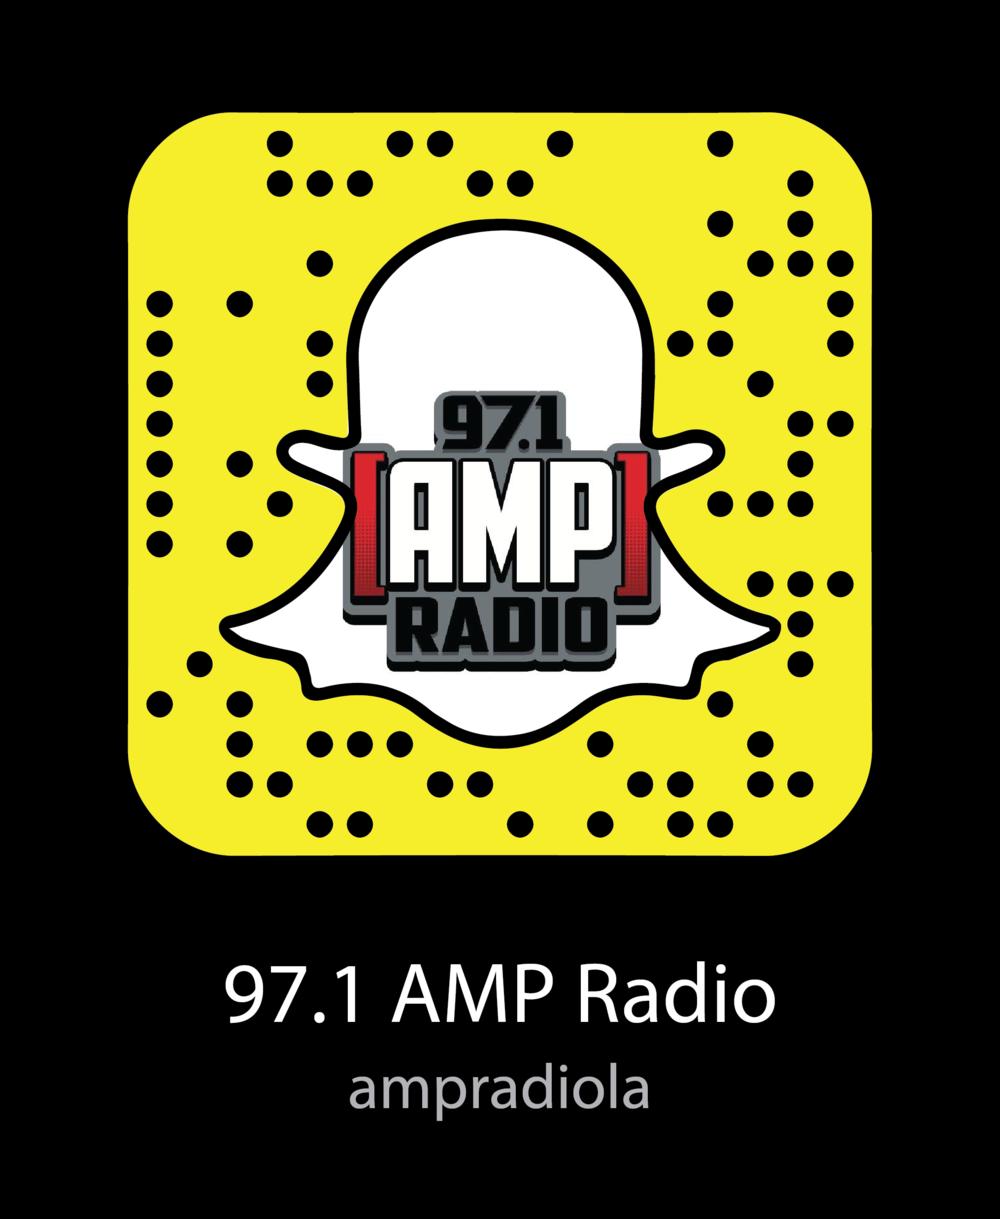 ampradiola-Radio-stations-snapchat-snapcode.png